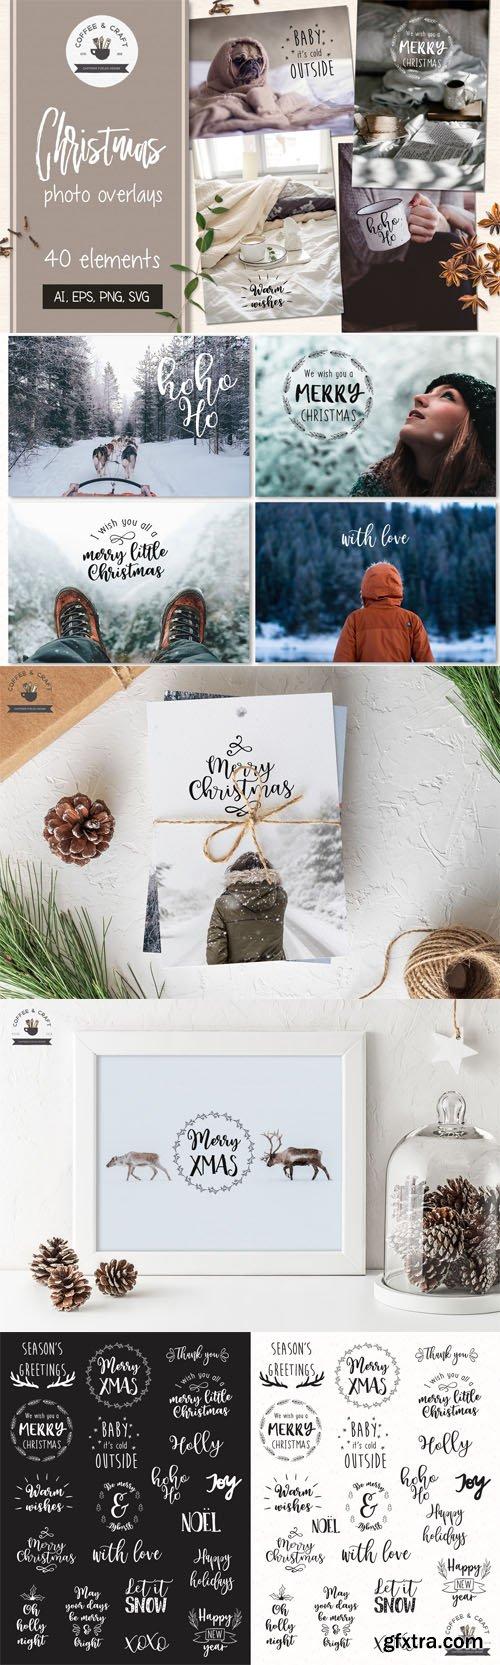 40 Christmas Photo Overlays [Ai/EPS/PNG/SVG]